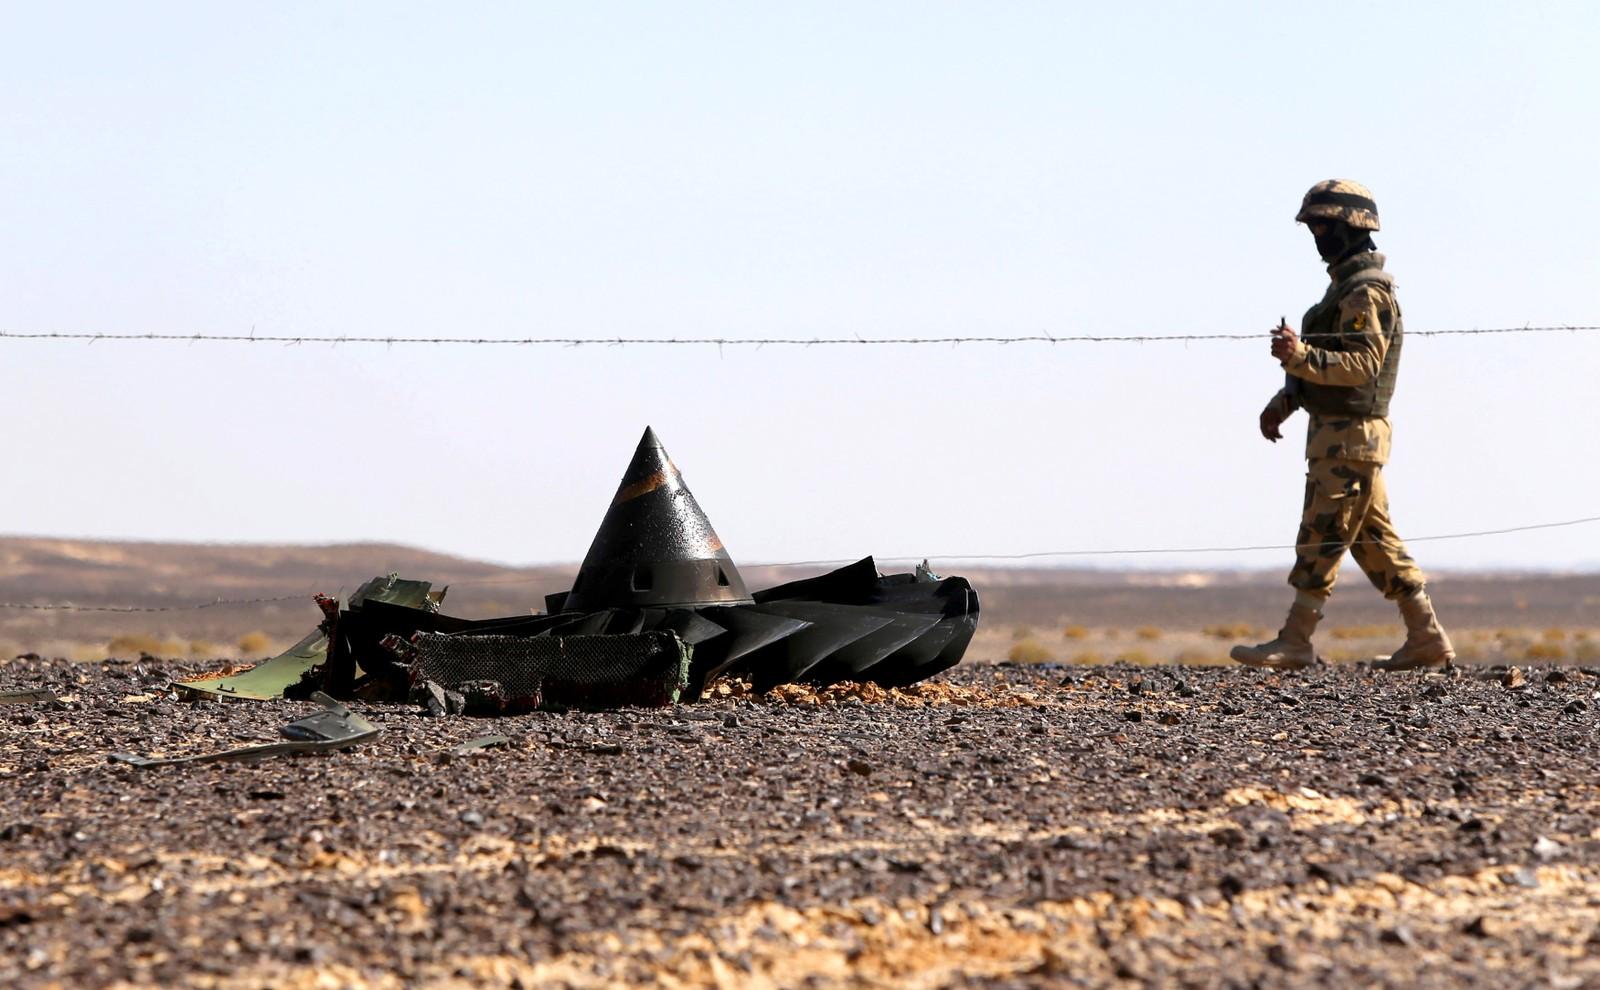 En egyptisk soldat holder vakt i nærheten av det russiske flyvraket. Ved siden av han ligger deler av en motor.